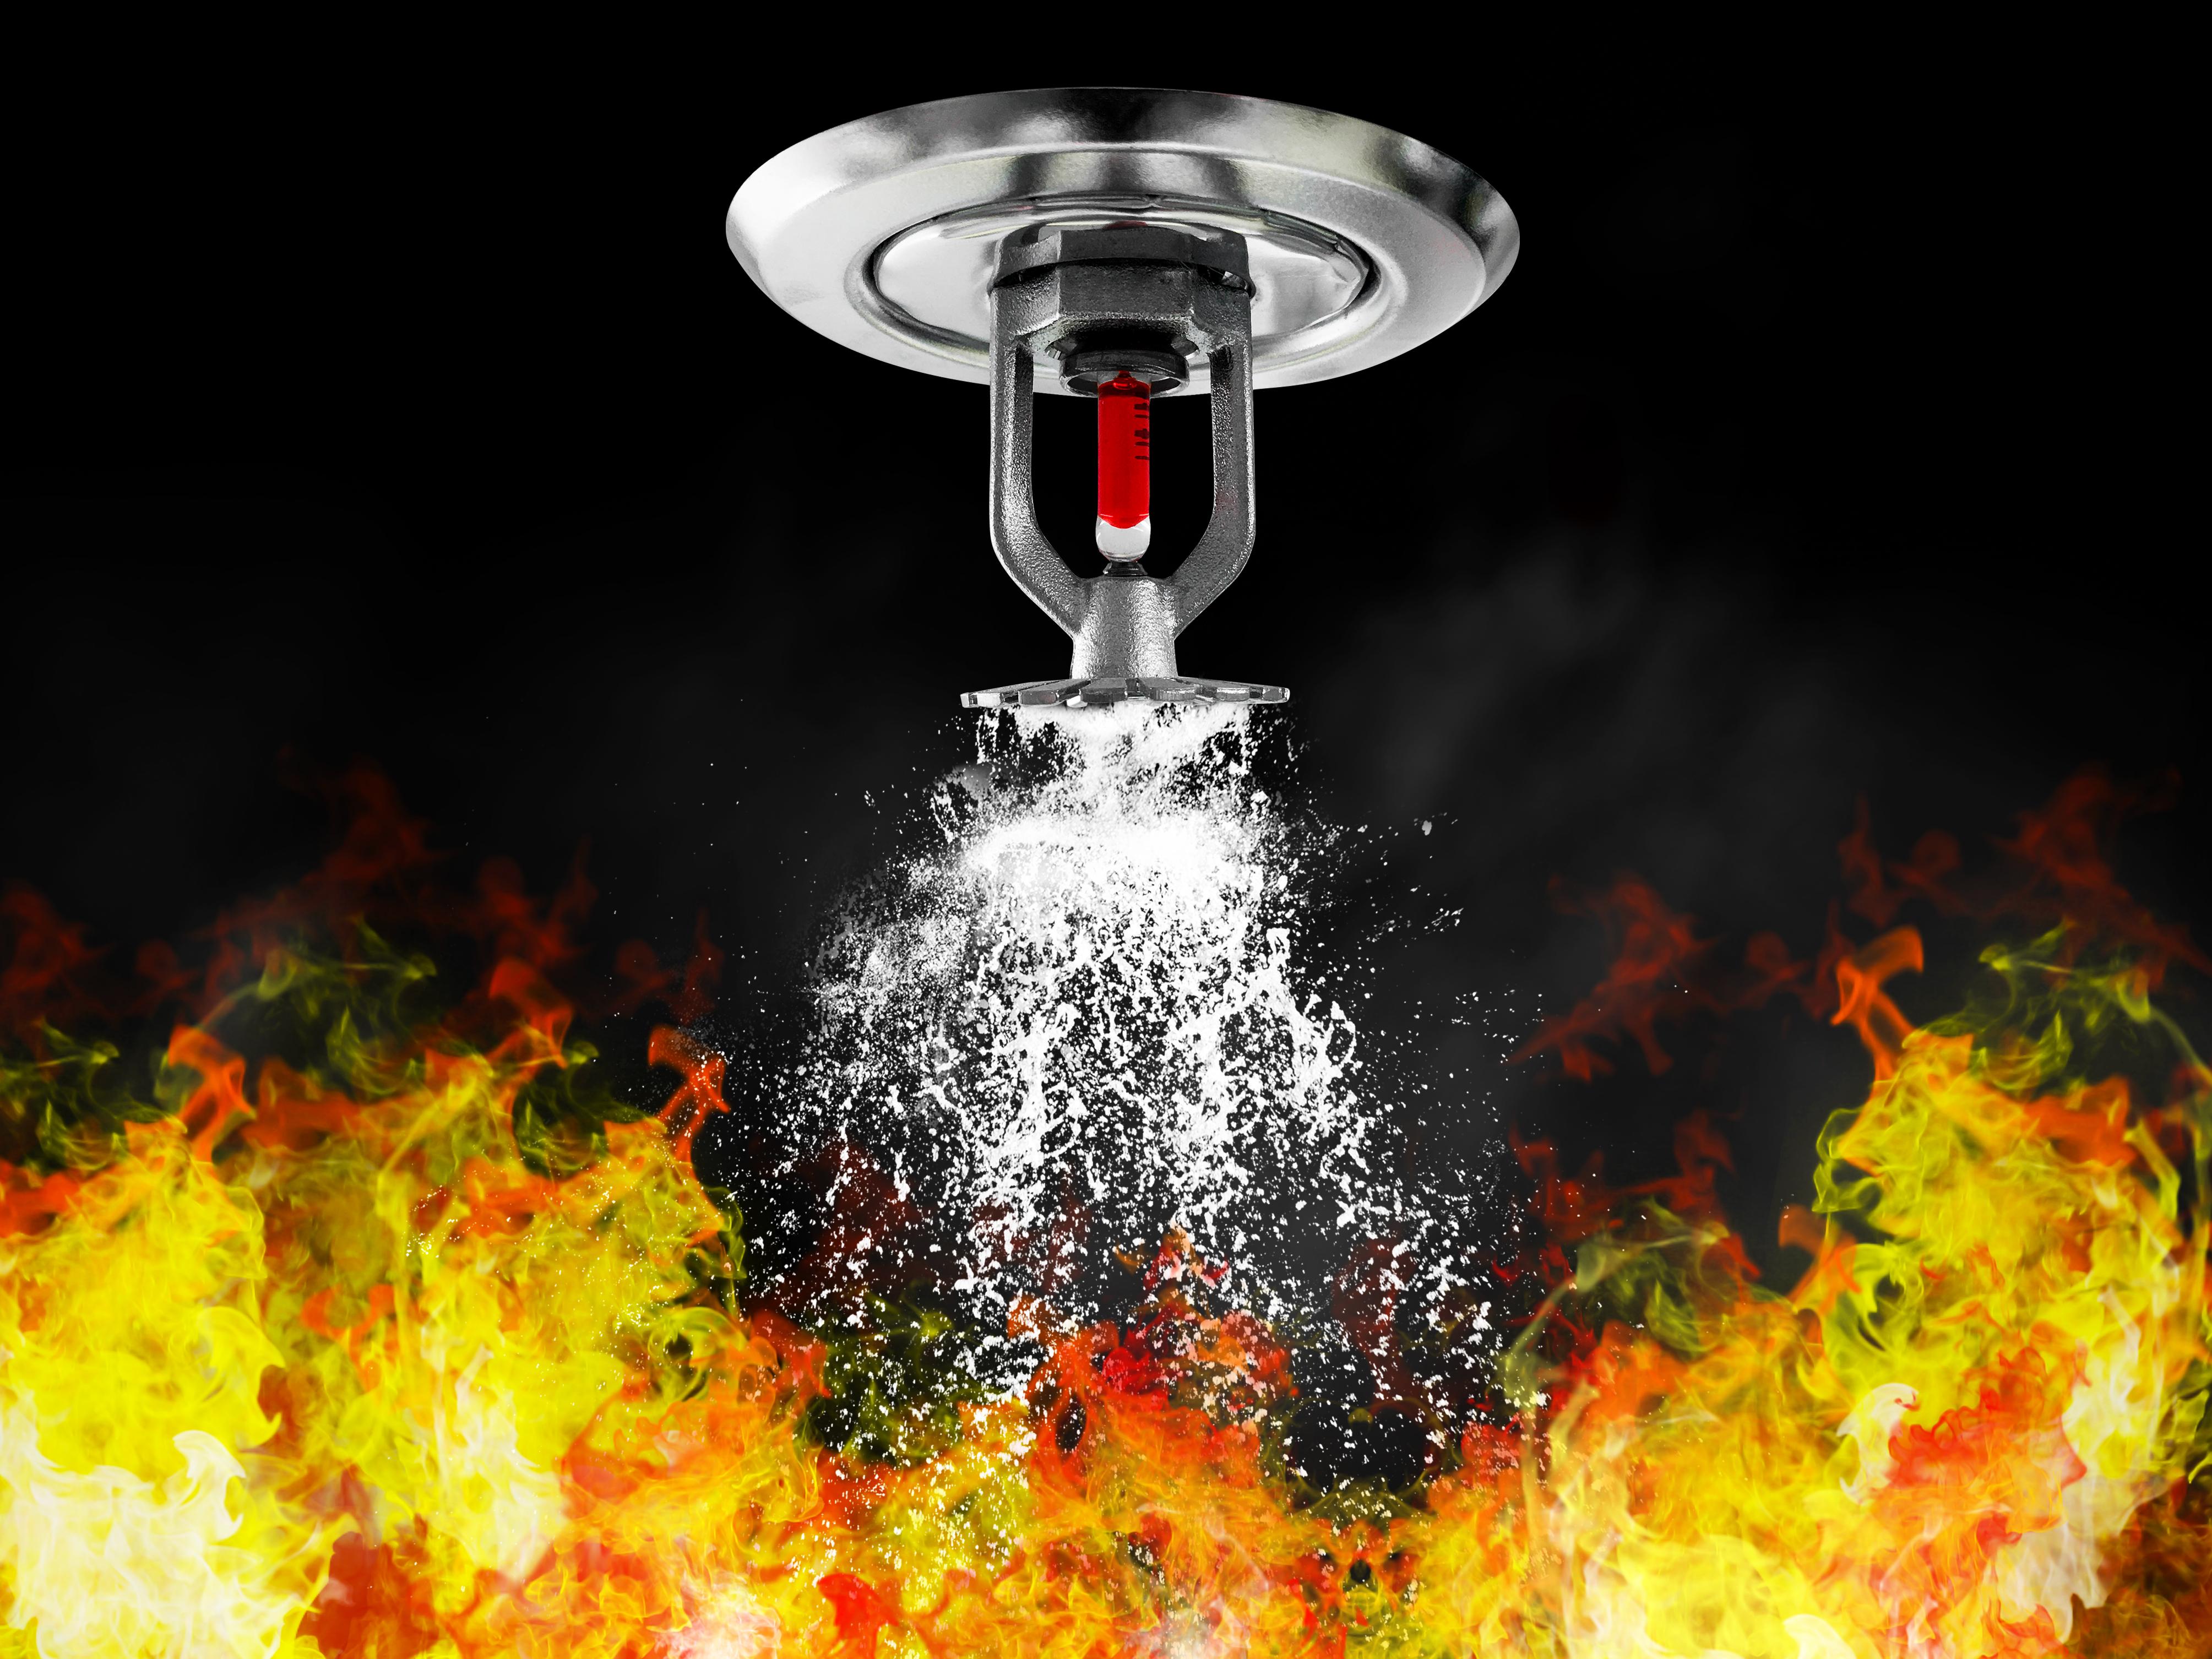 image of fire sprinkler